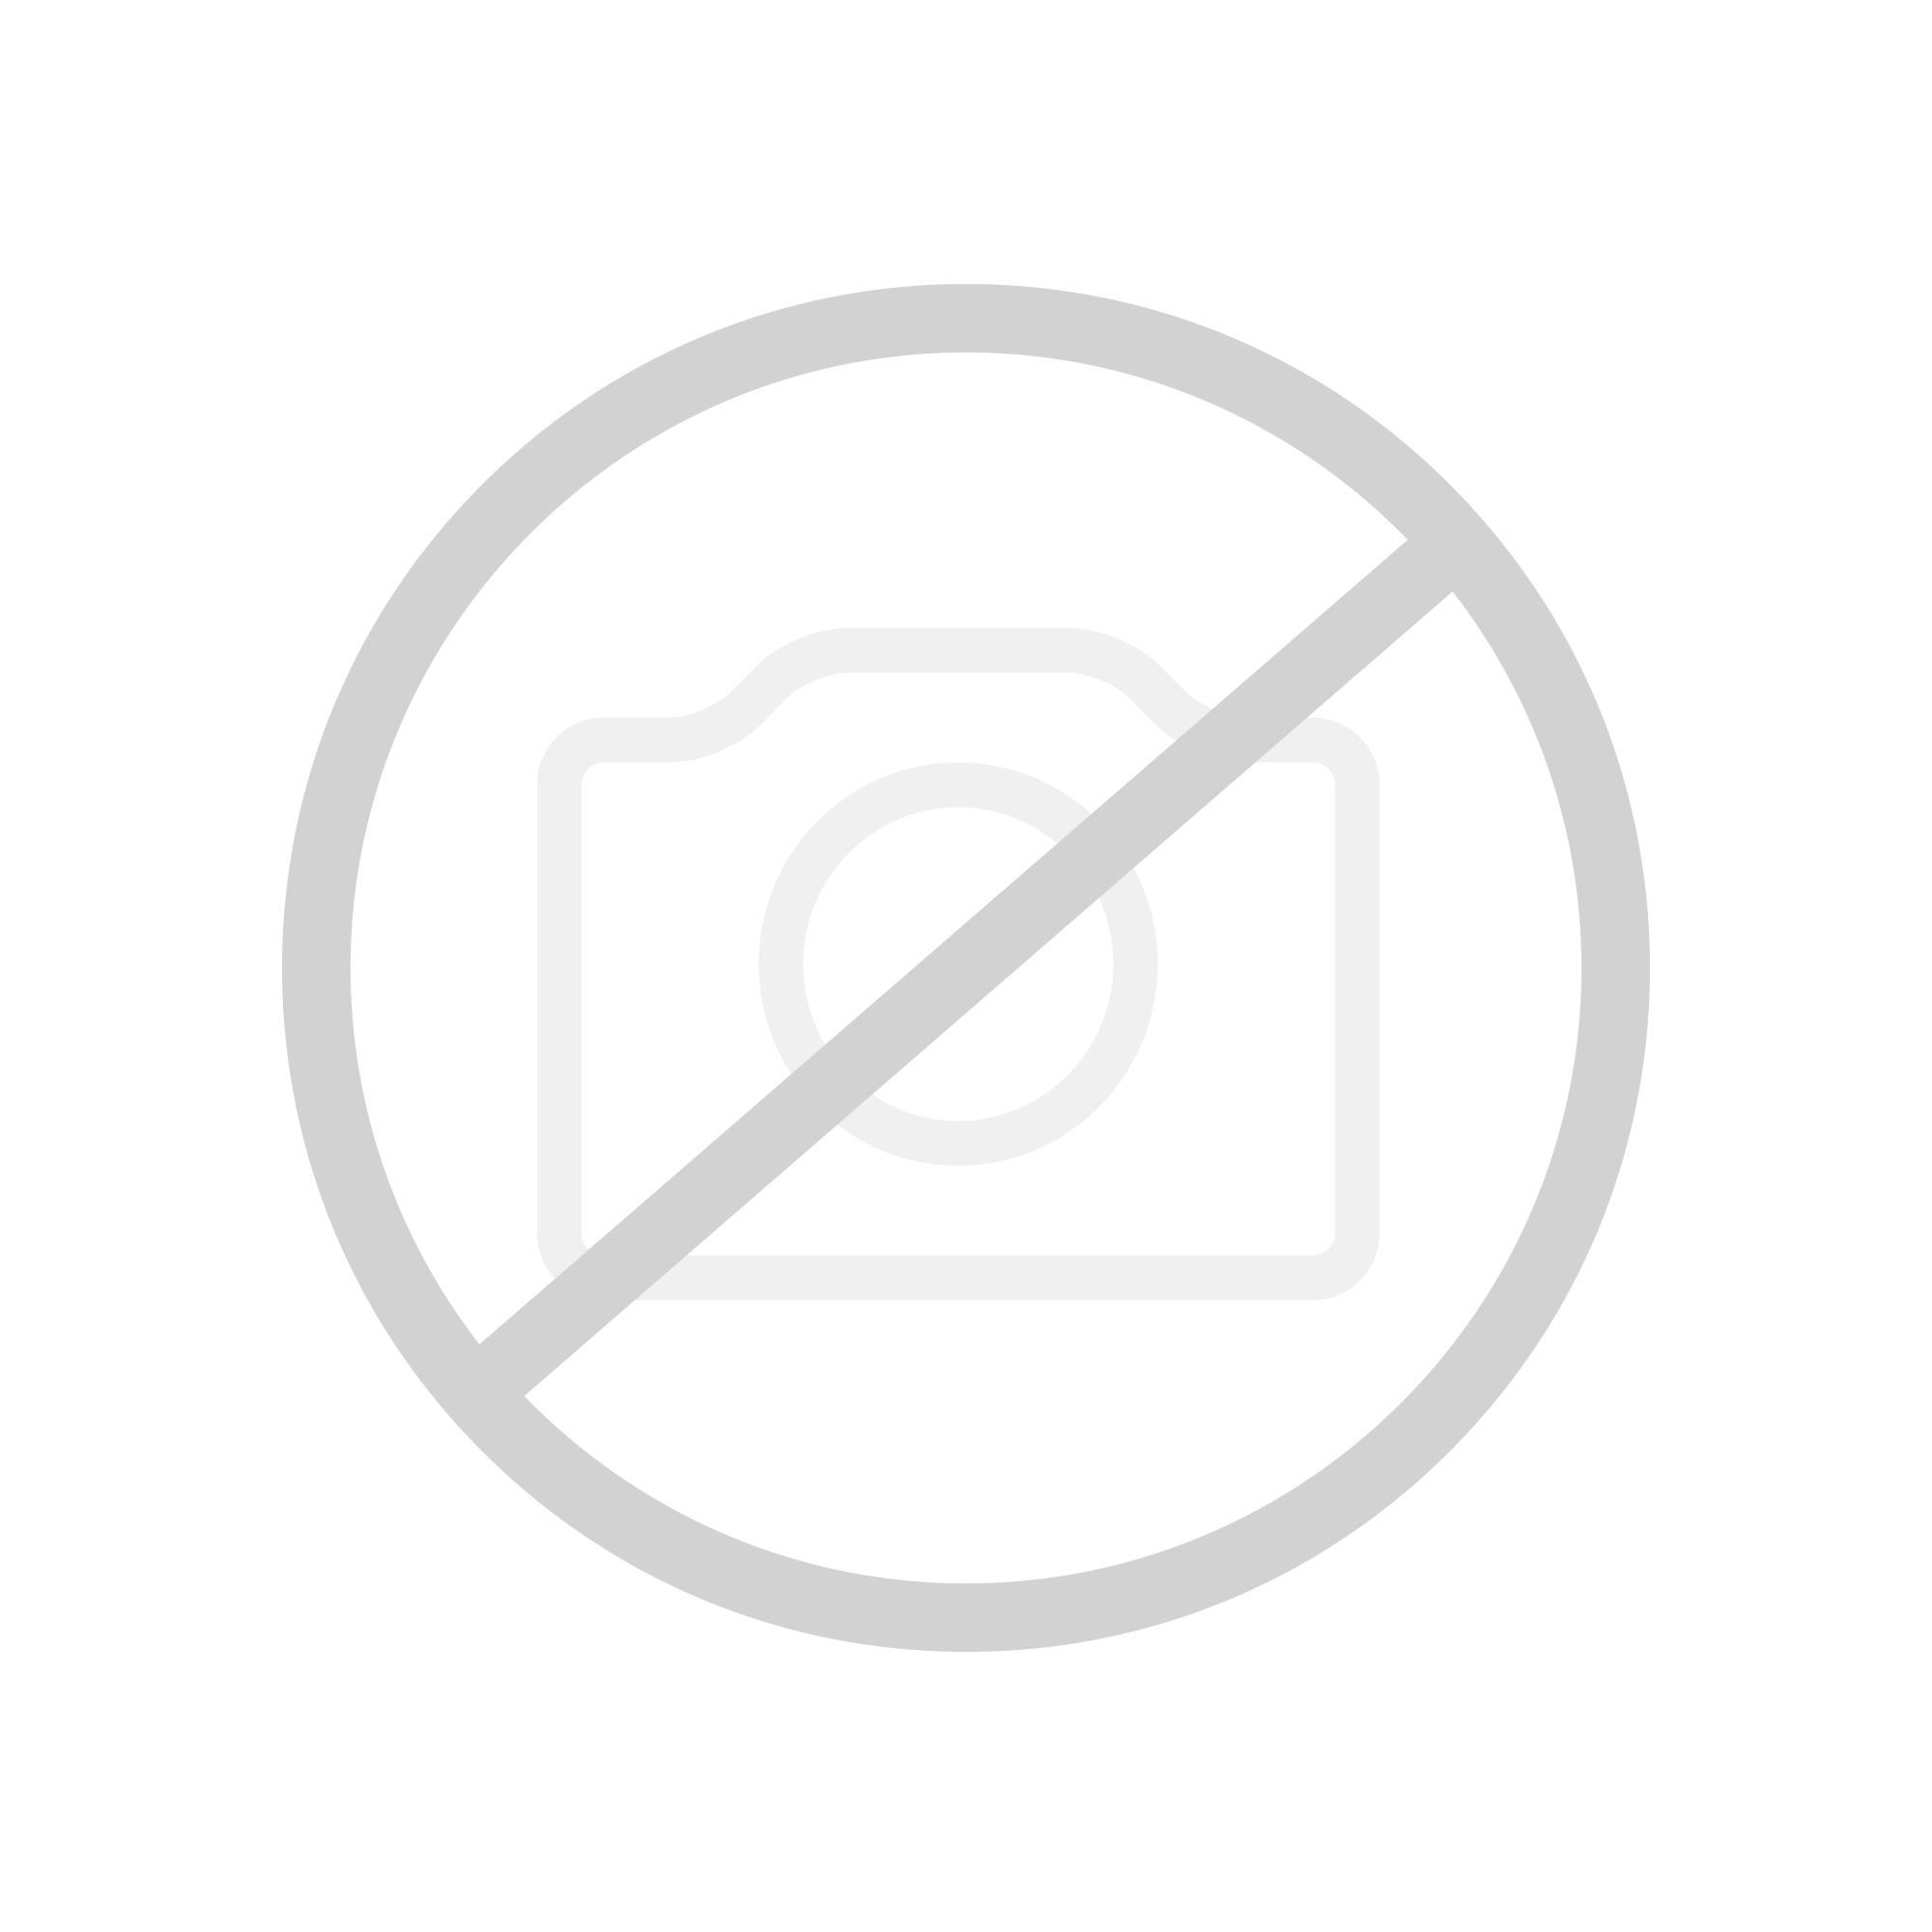 Grohe Concetto Einhand-Spültischbatterie DN 15, herausziehbarer Strahlregler